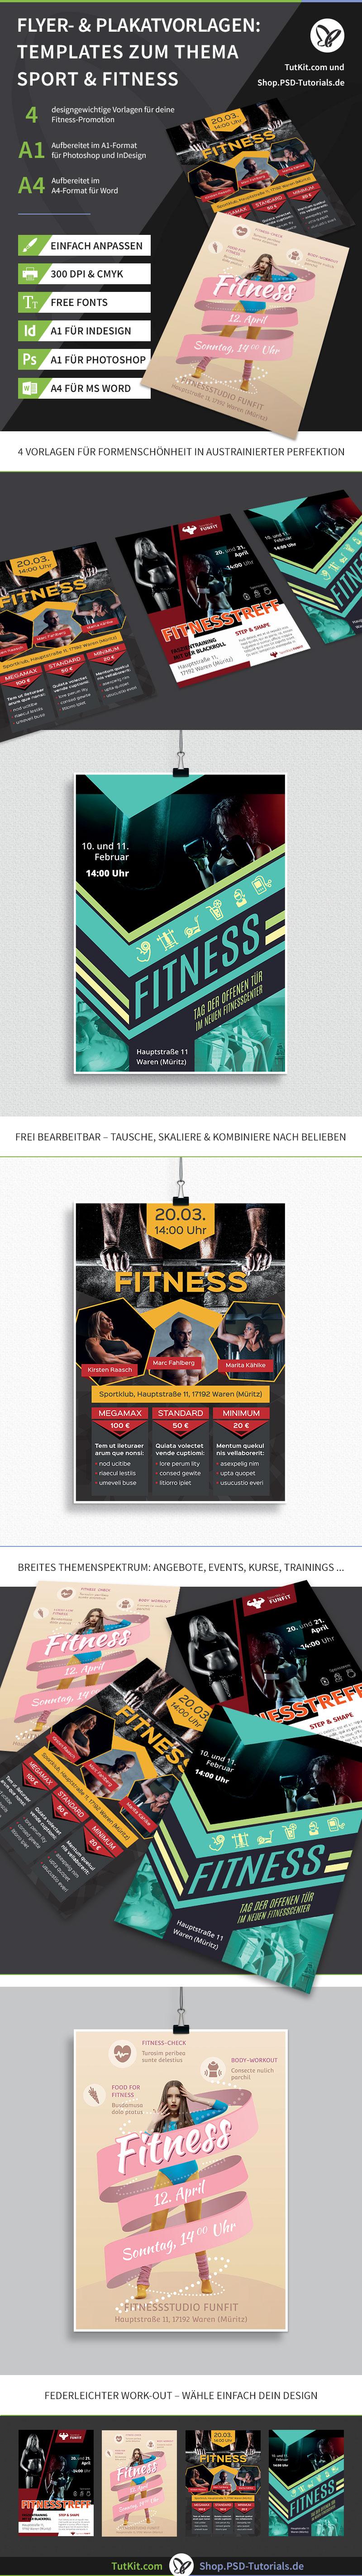 Vorlagen für Plakate und Flyer für den Bereich Sport, Fitness & Fitnessstudio